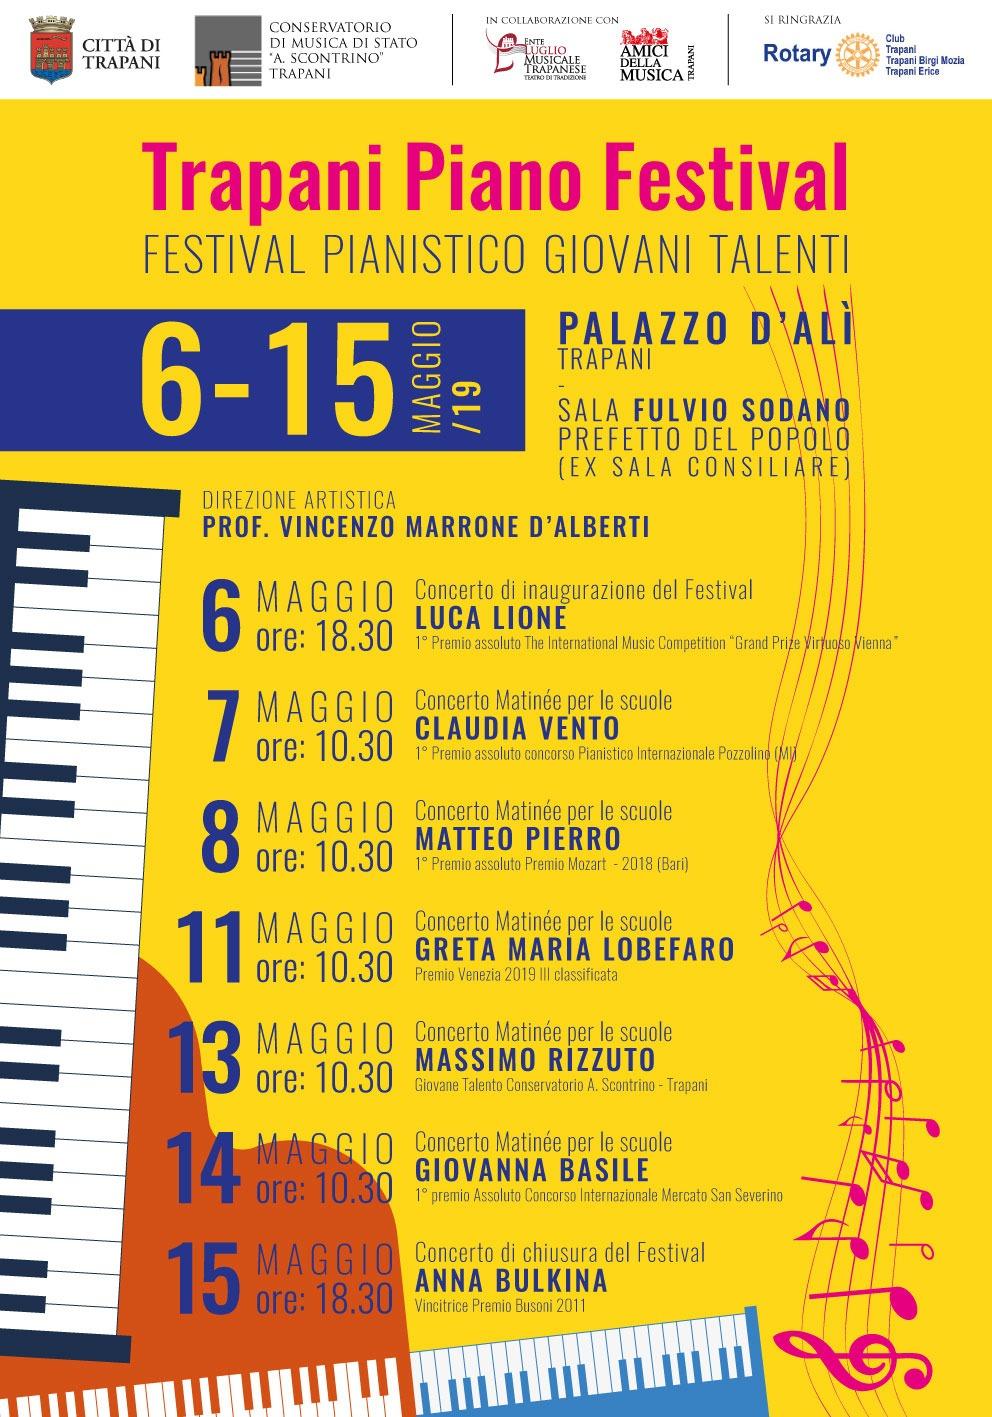 Trapani Piano Festival - Locandina riportante il programma della manifestazione